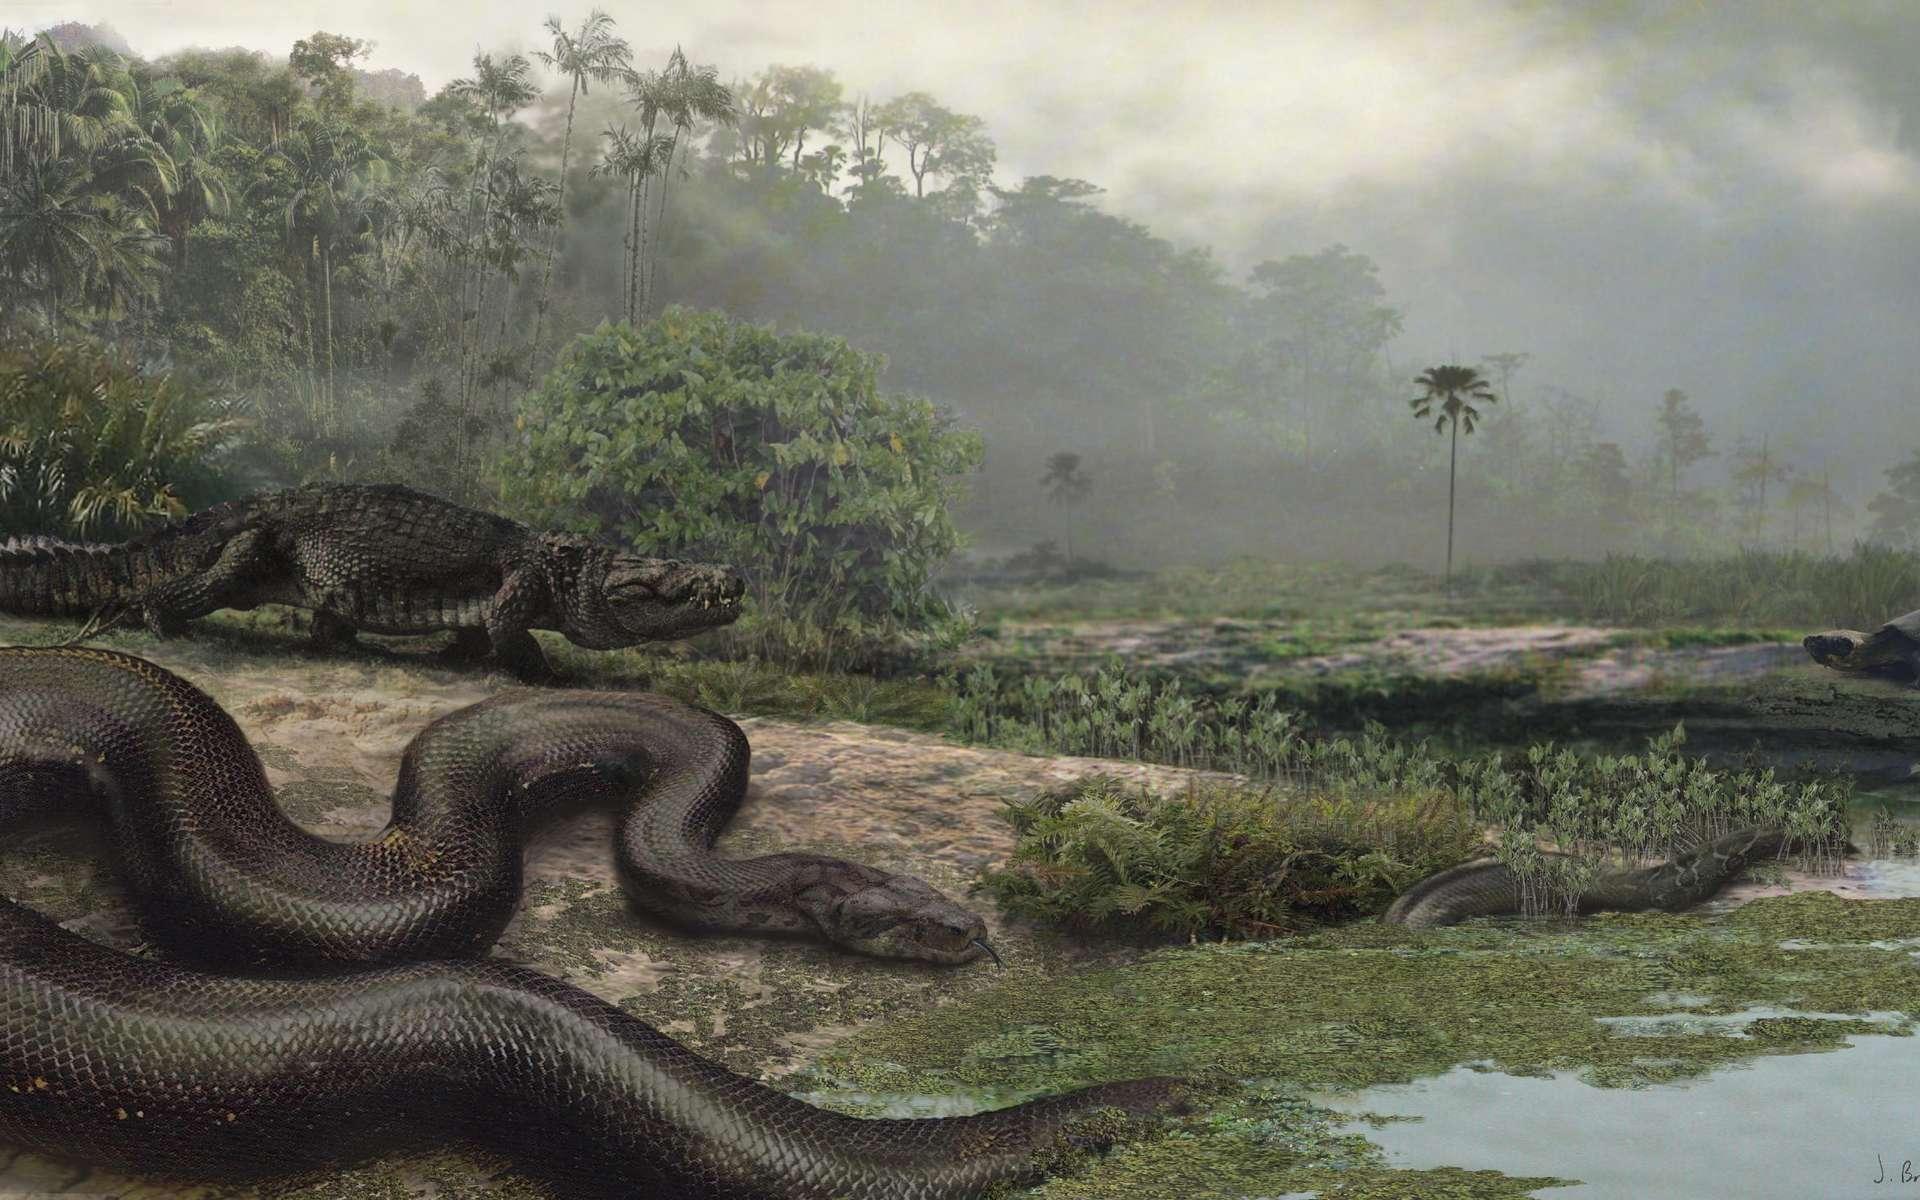 Un titanoboa attend patiemment que s'approche cet appétissant crocodile ou bien cette tortue géante, encore un peu loin. Cette magnifique illustration est l'œuvre de Jason Bourque, étudiant à l'université de Floride et qui a participé à l'étude. © J. Bourque